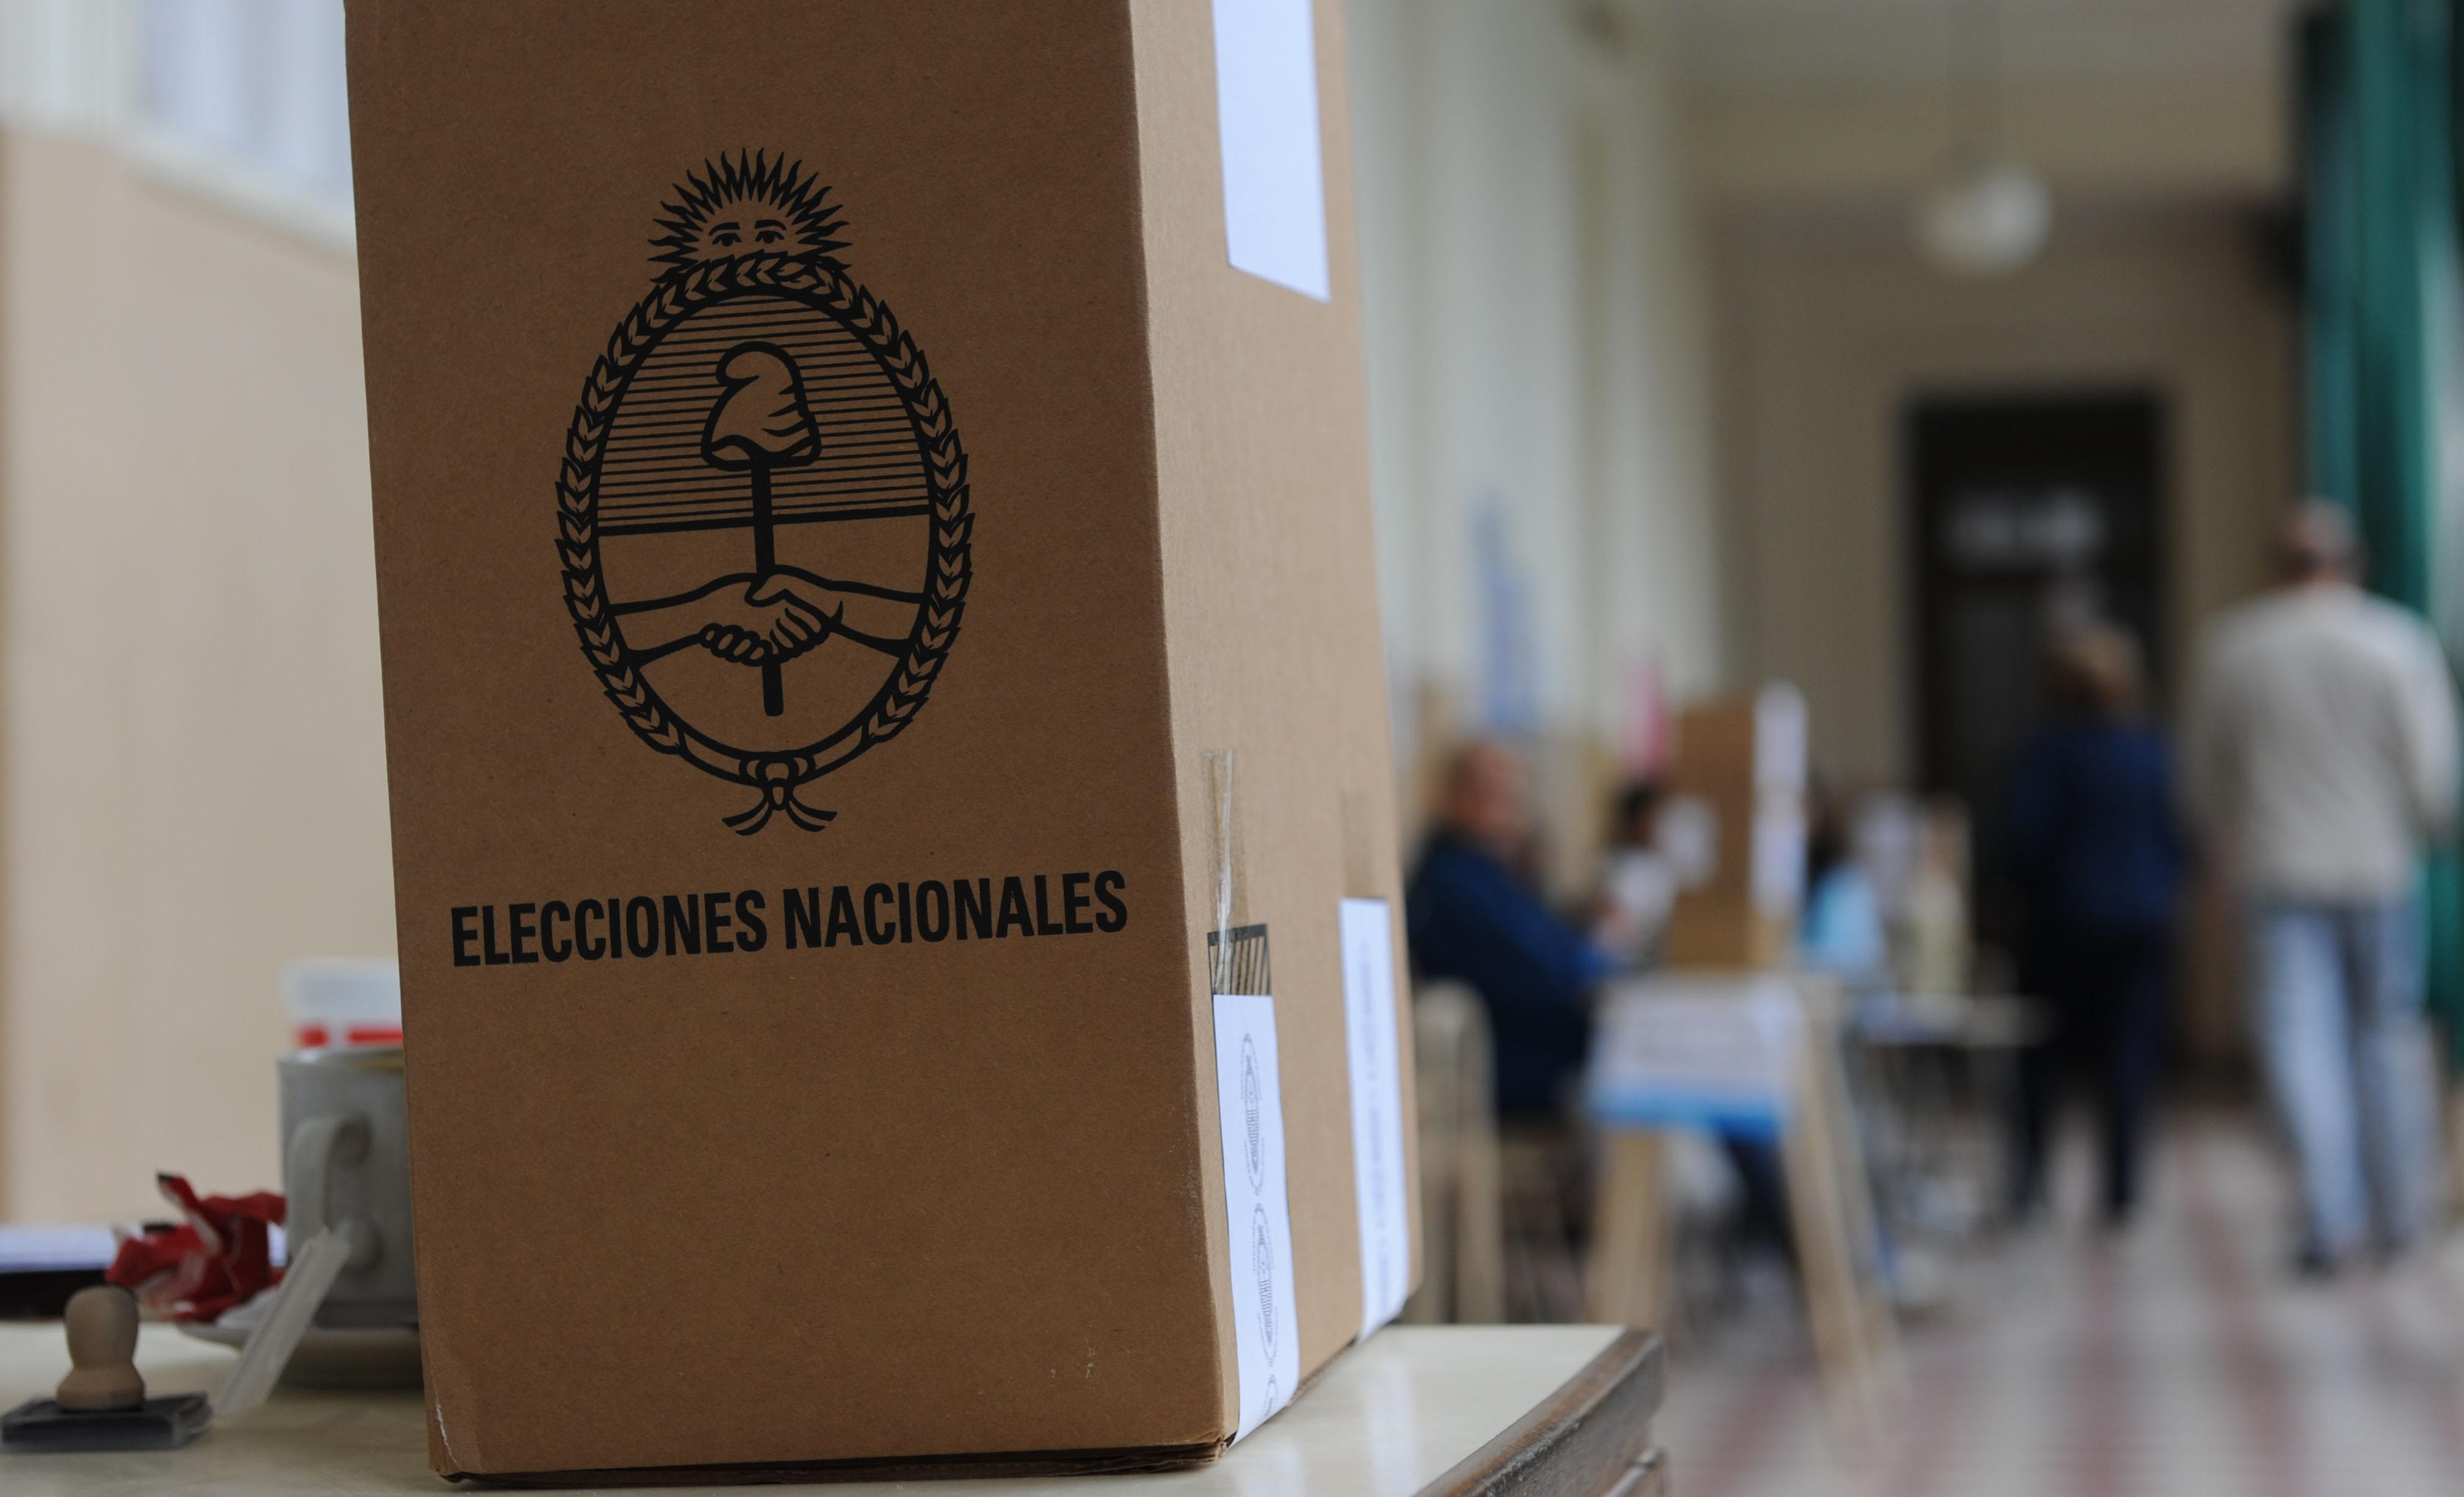 04-06-elecciones